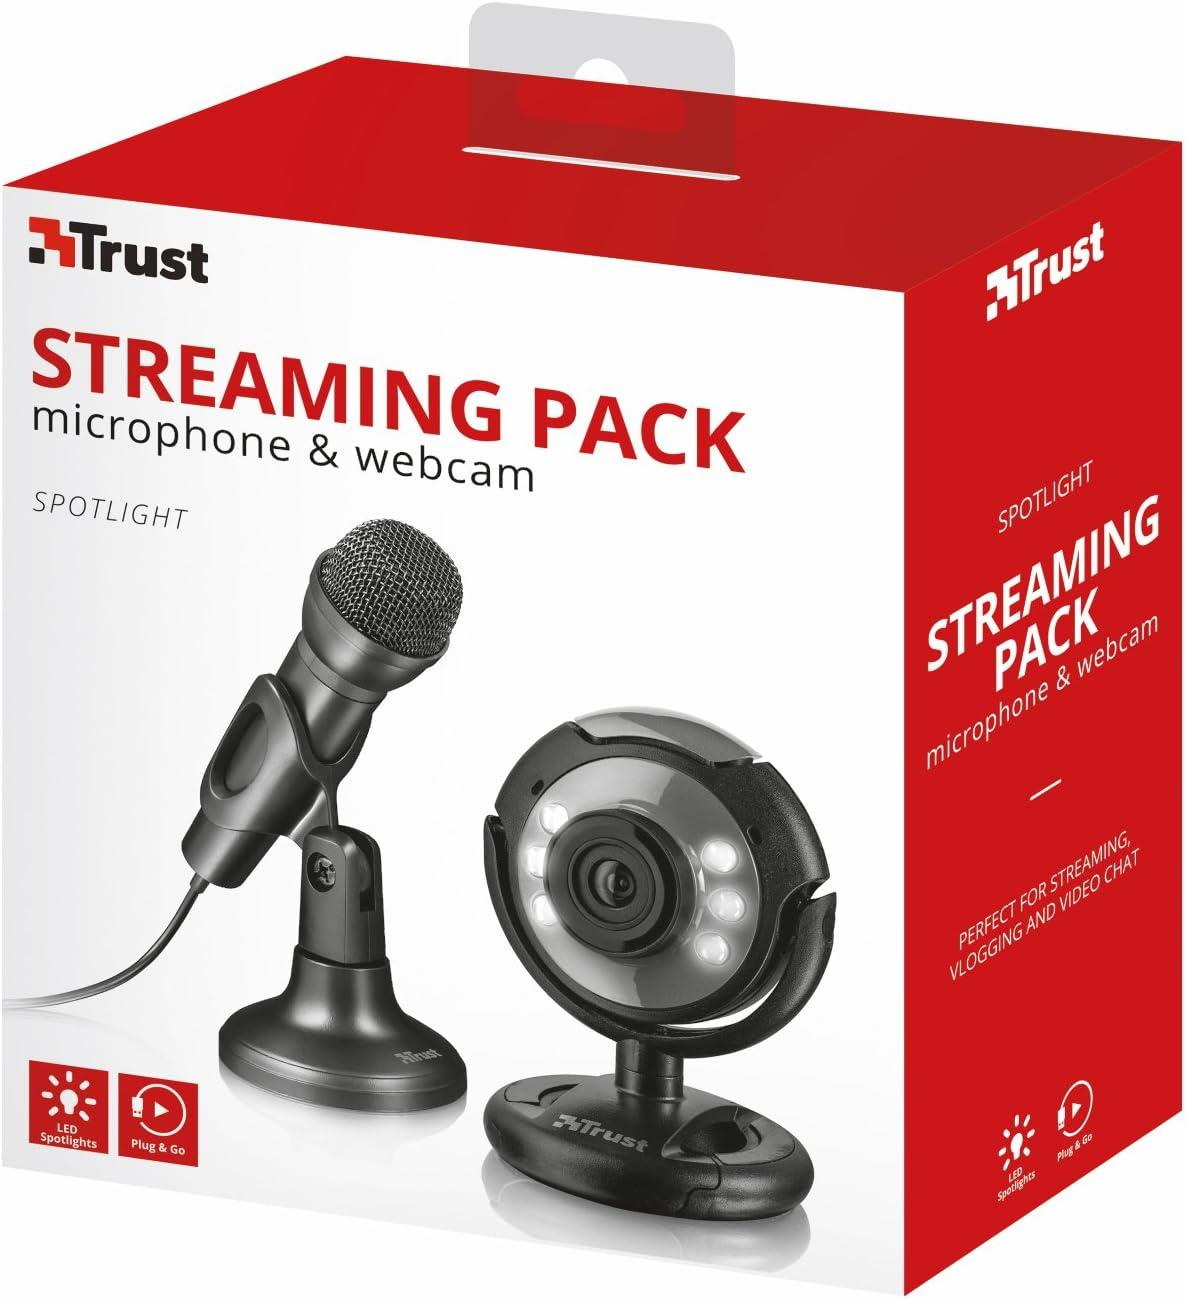 Trust Spotlight - Cámara Web y micrófono para Streaming, Color Negro: Amazon.es: Informática